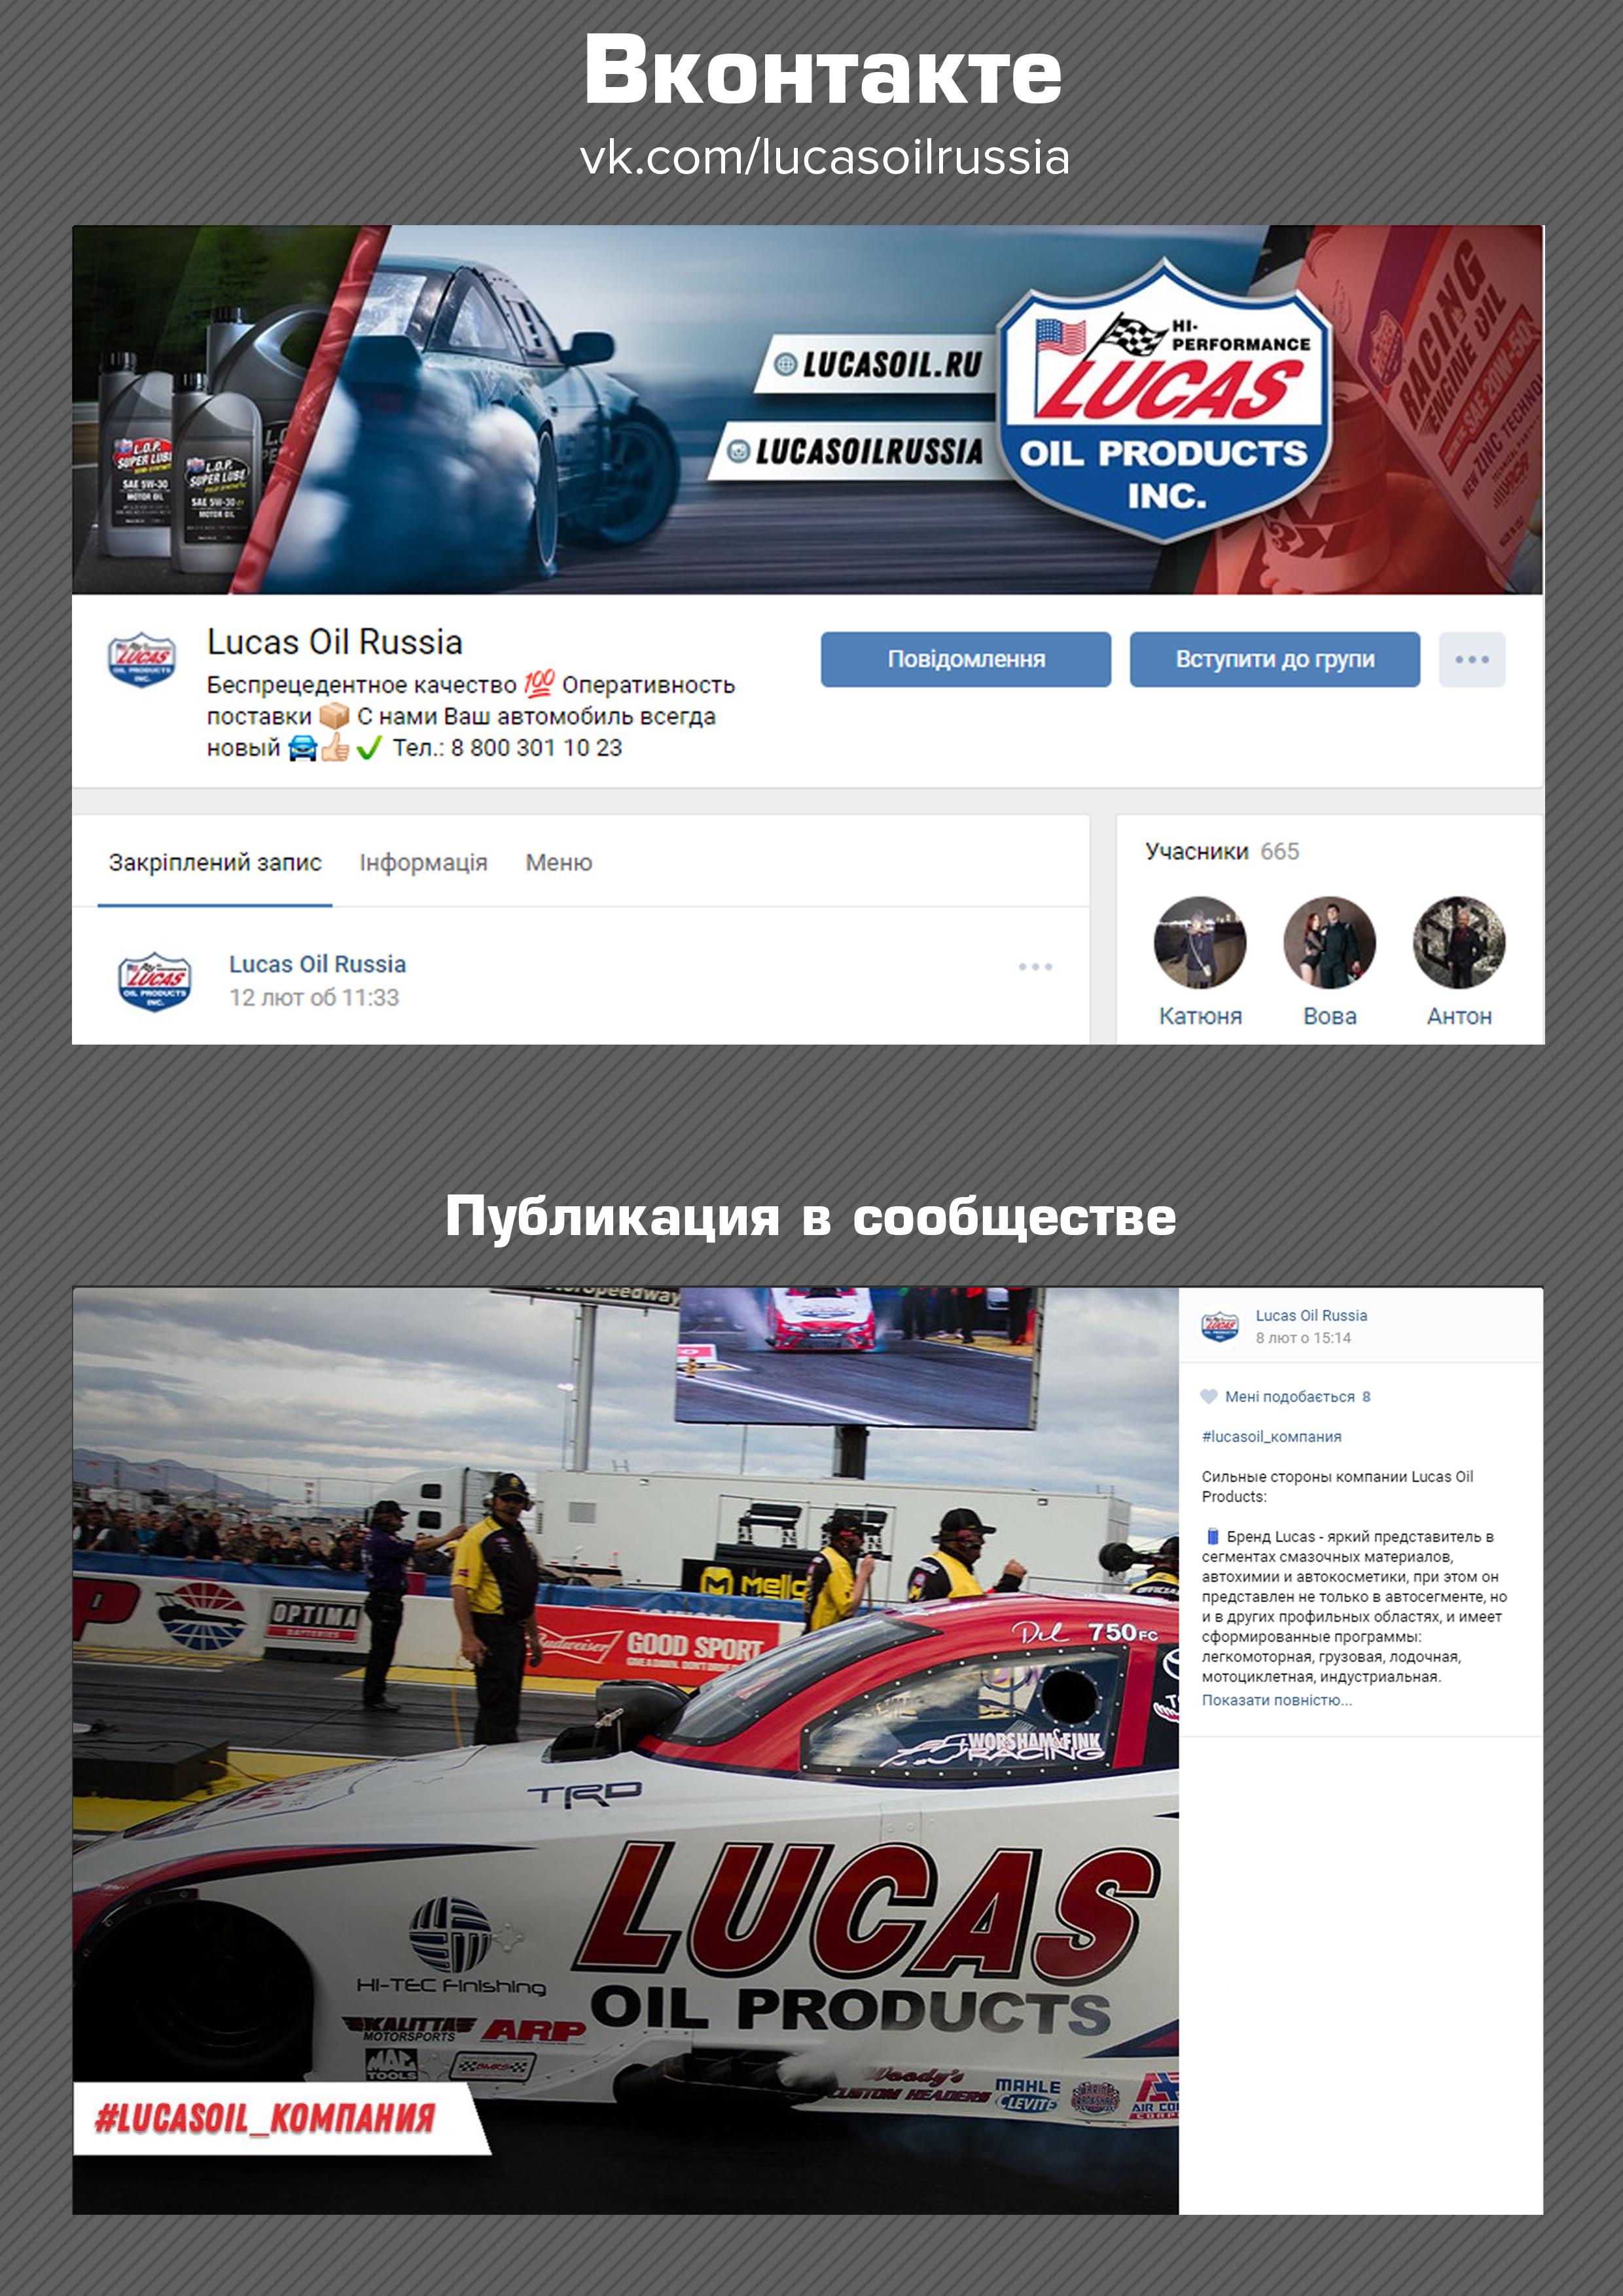 Эксклюзивный дистрибьютор Lucas Oil / Вконтакте